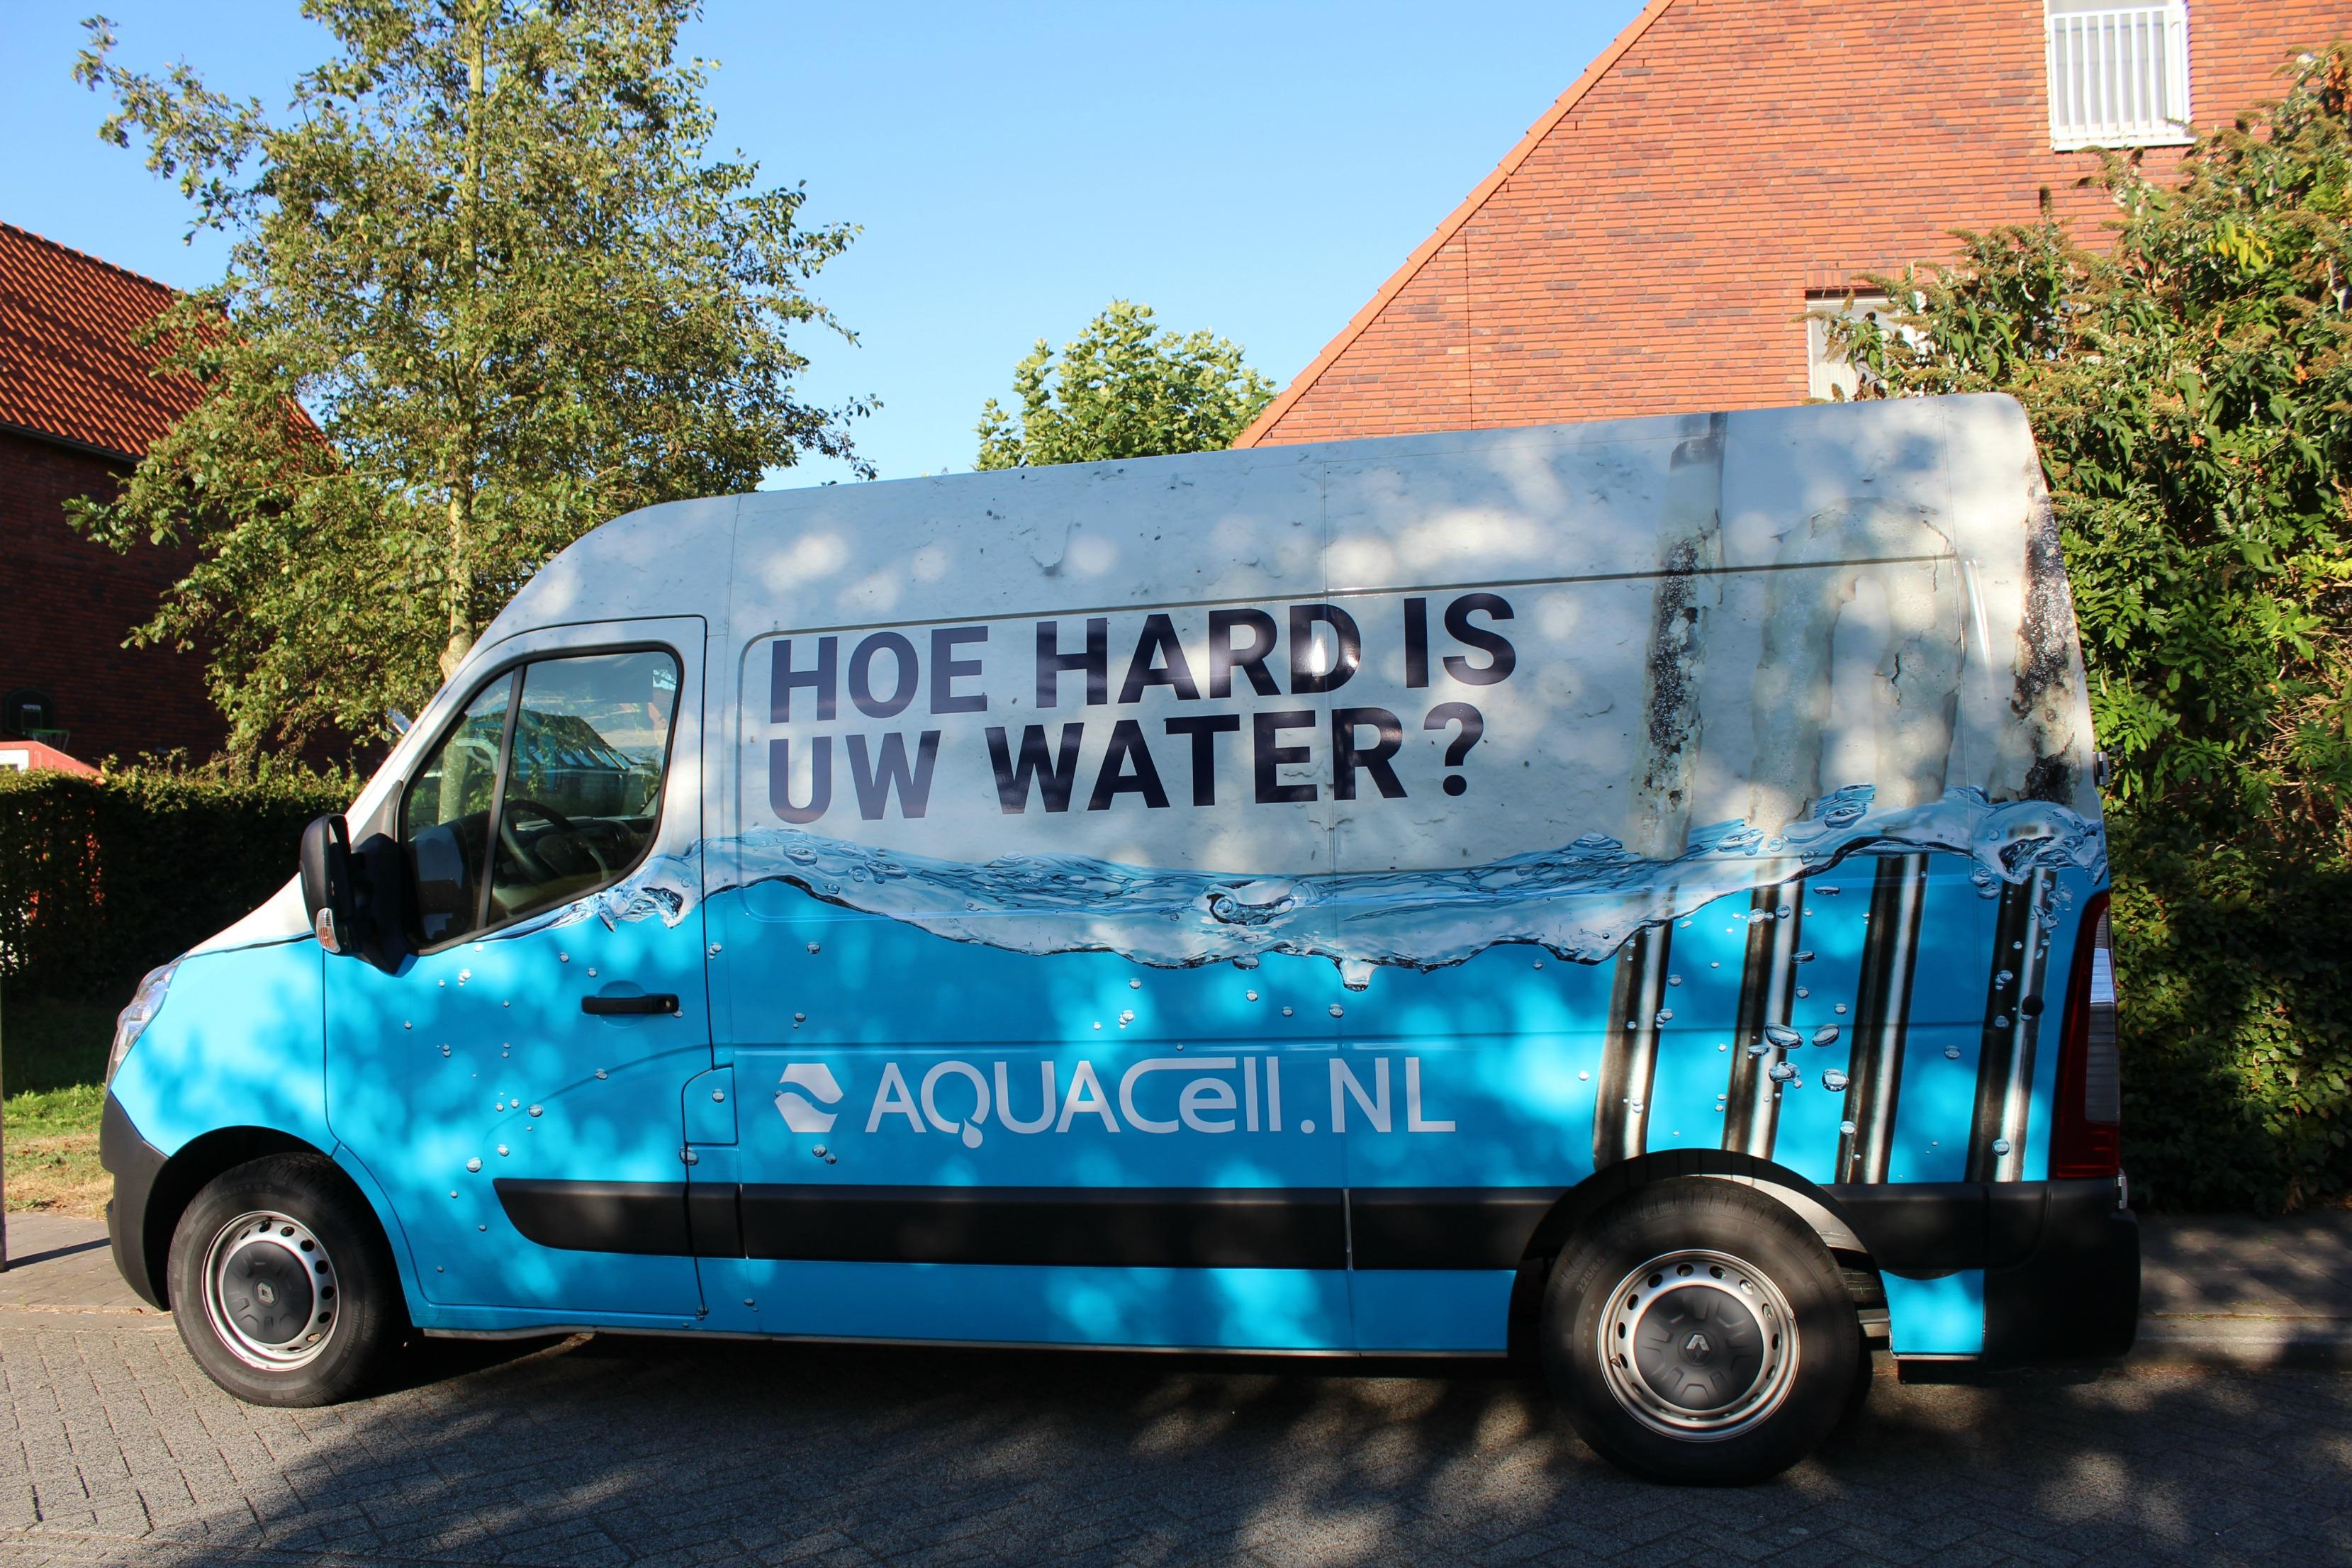 hoe-smaakt-mijn-kraantwater-na-installatie-van-een-waterontharder_aquacell_goodgirlscompany